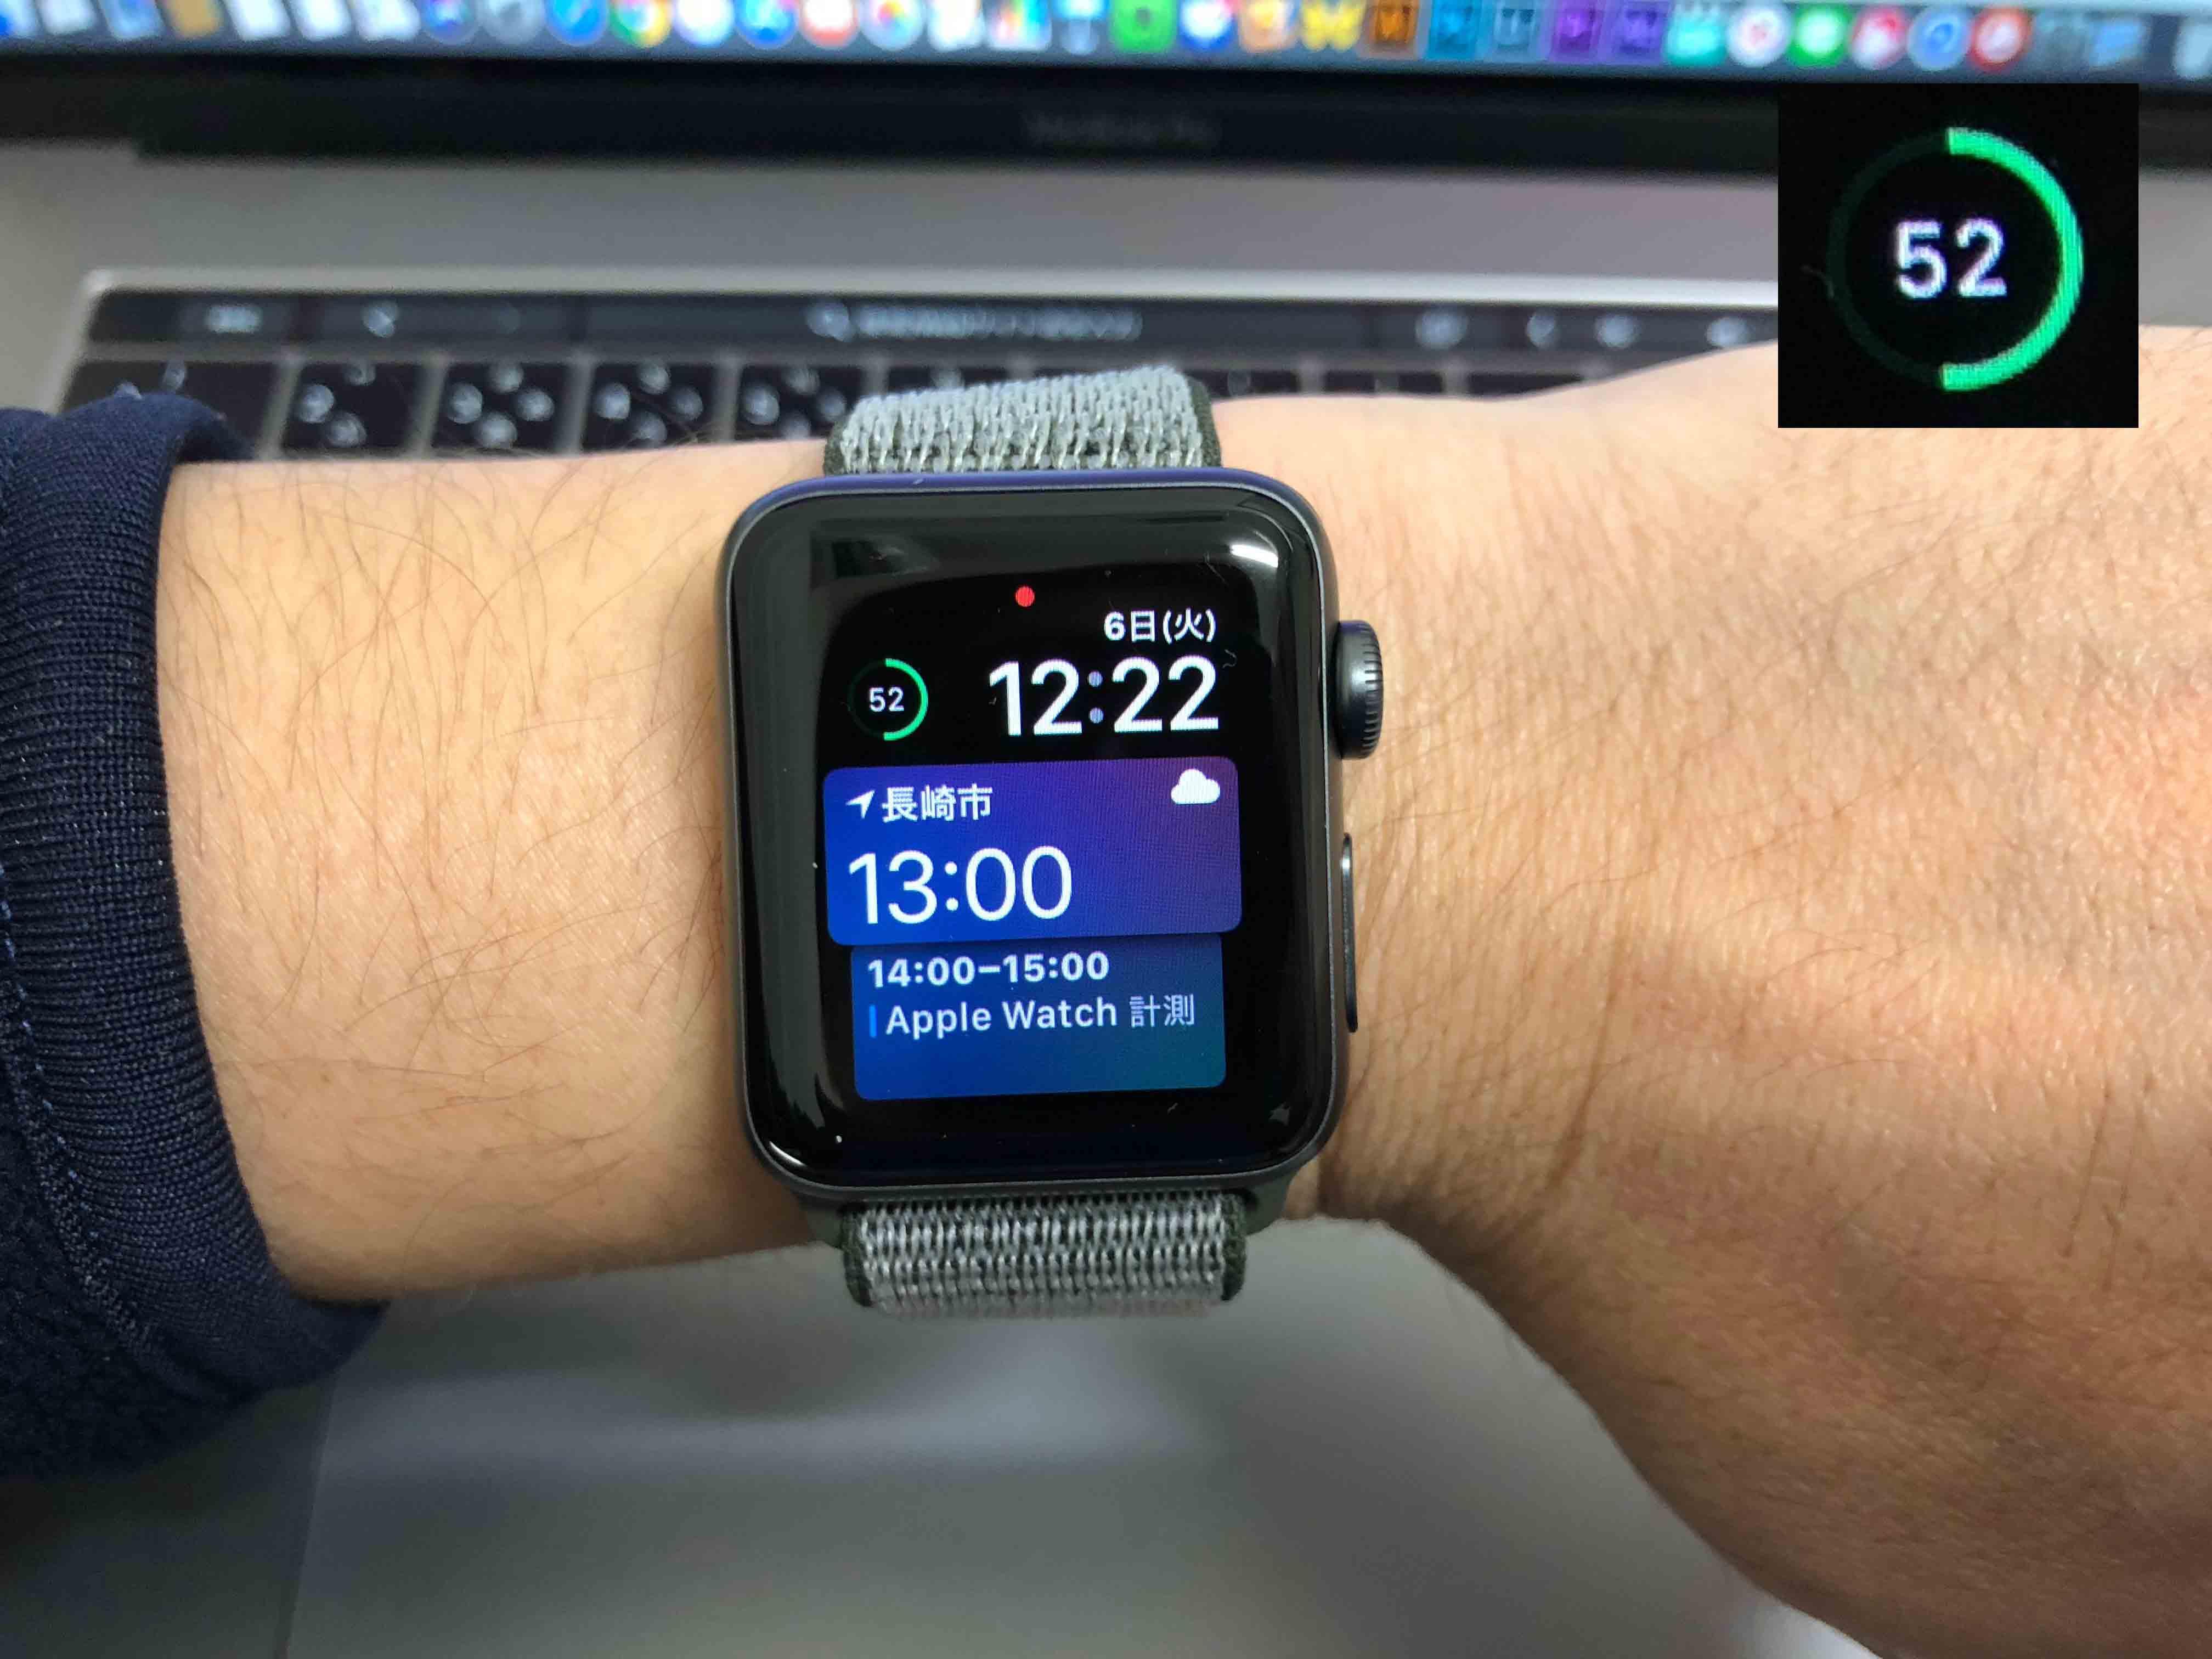 AppleWatchバッテリー52%に関する写真